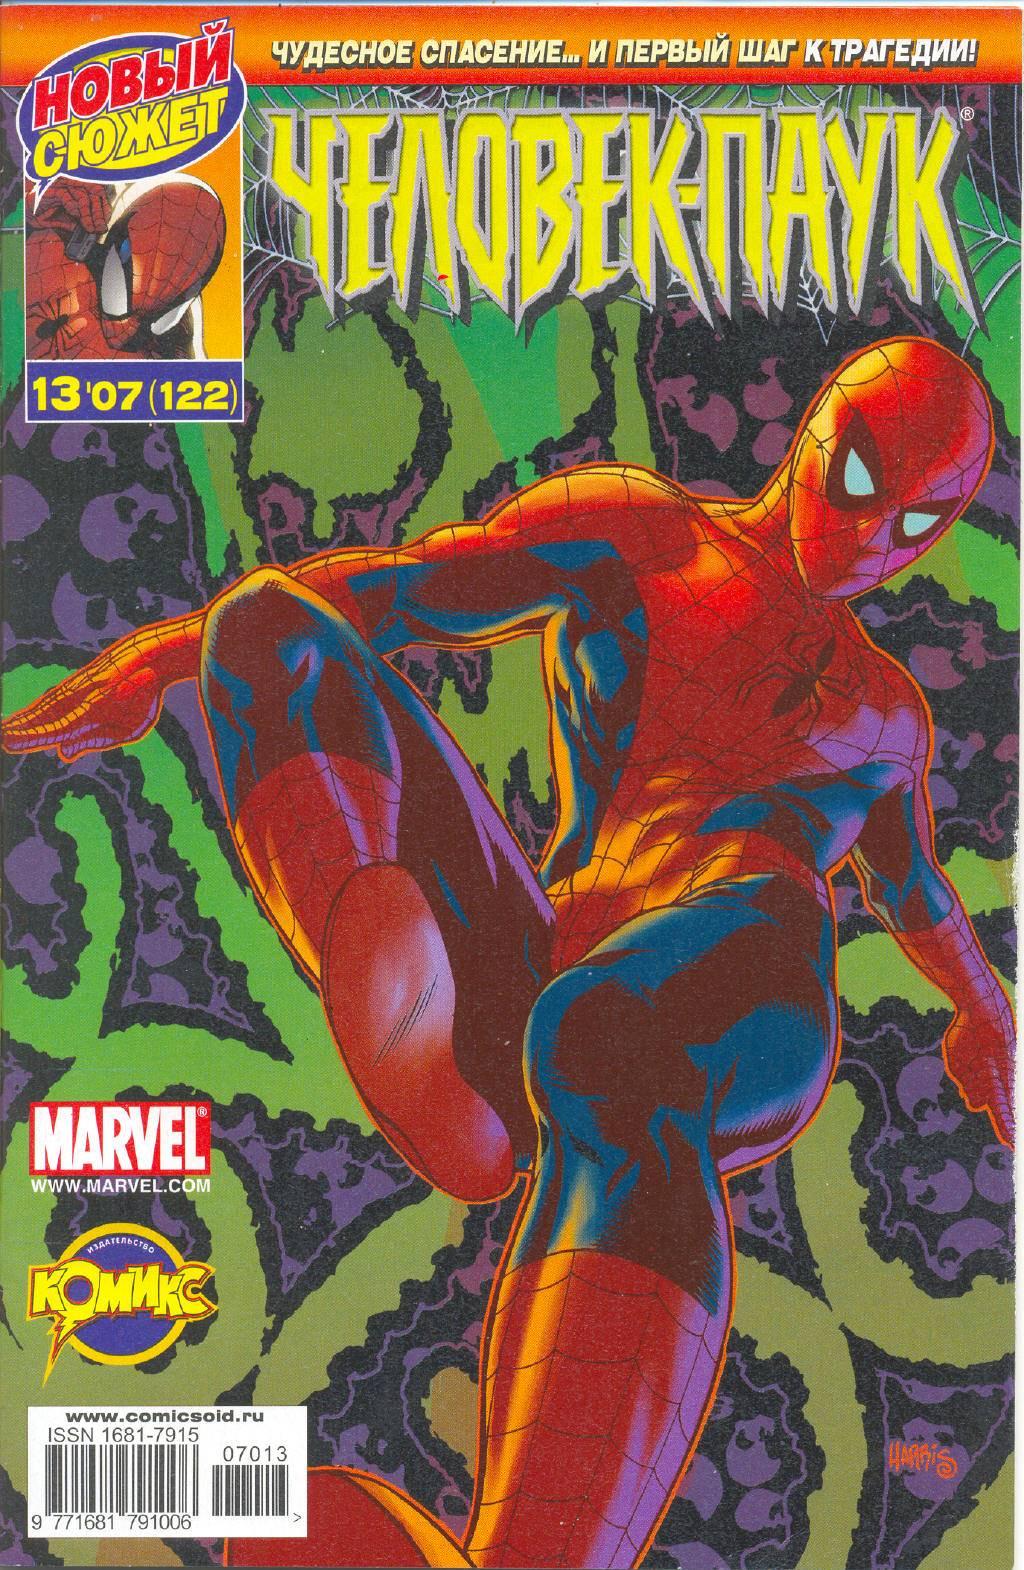 Удивительный Человек-паук №524 онлайн